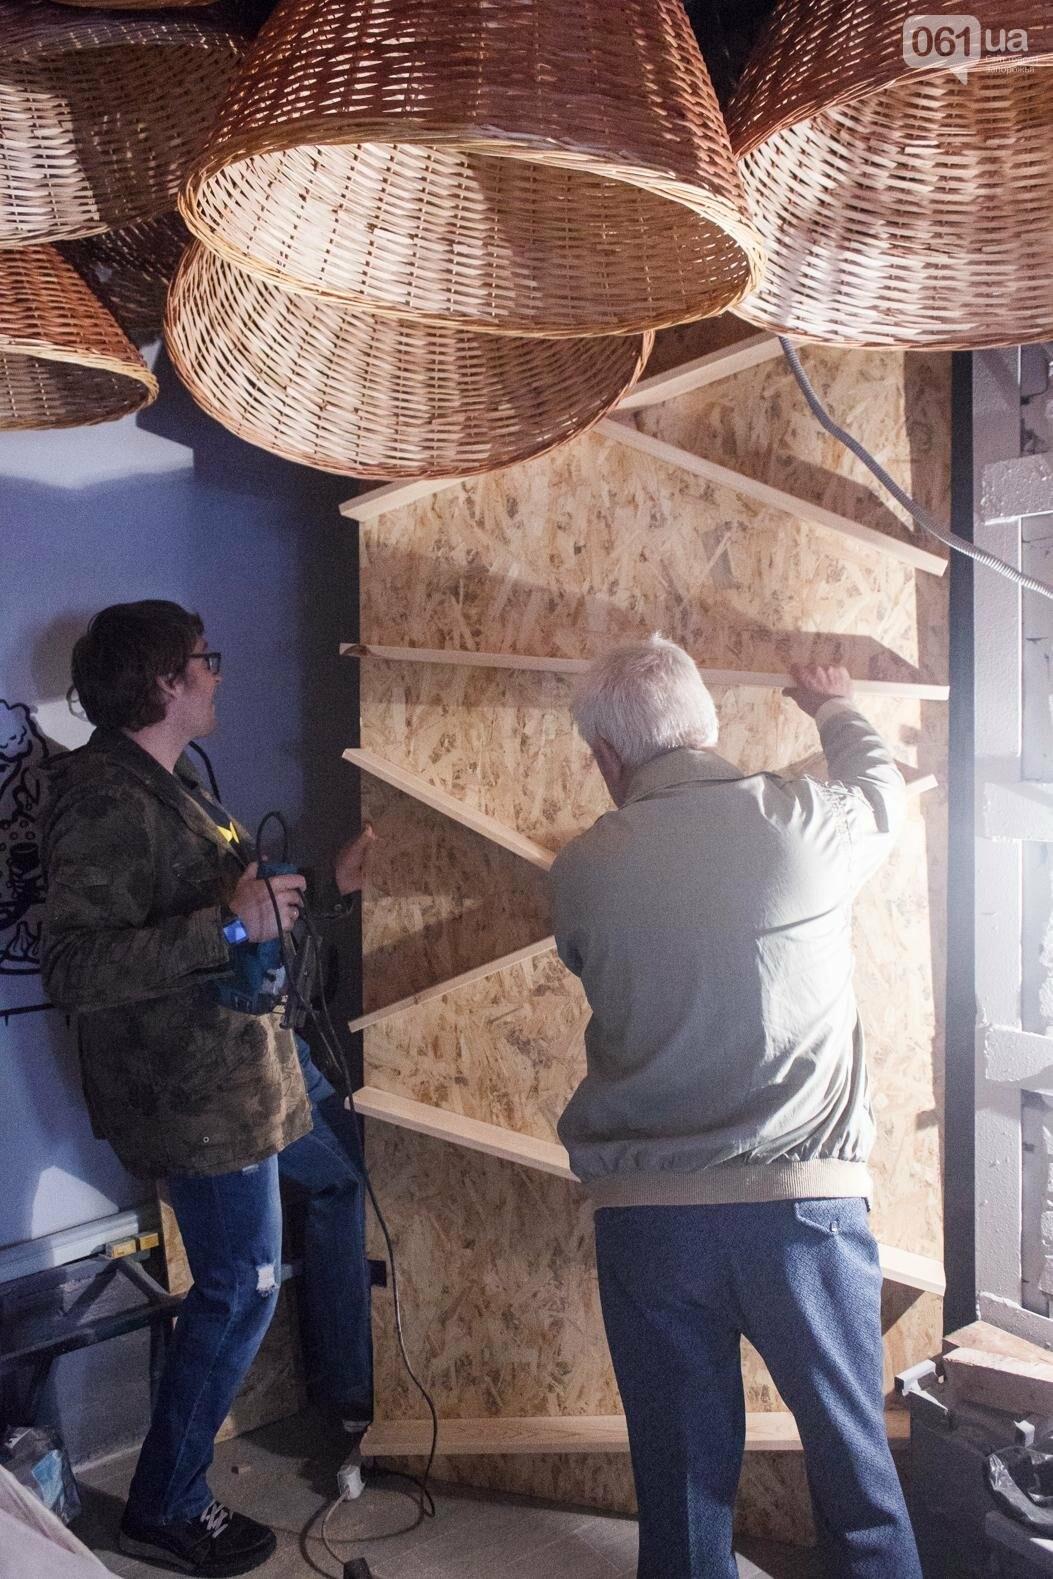 Show биZнес: в будущем ресторане завершается ремонт и появляется мебель , фото-6